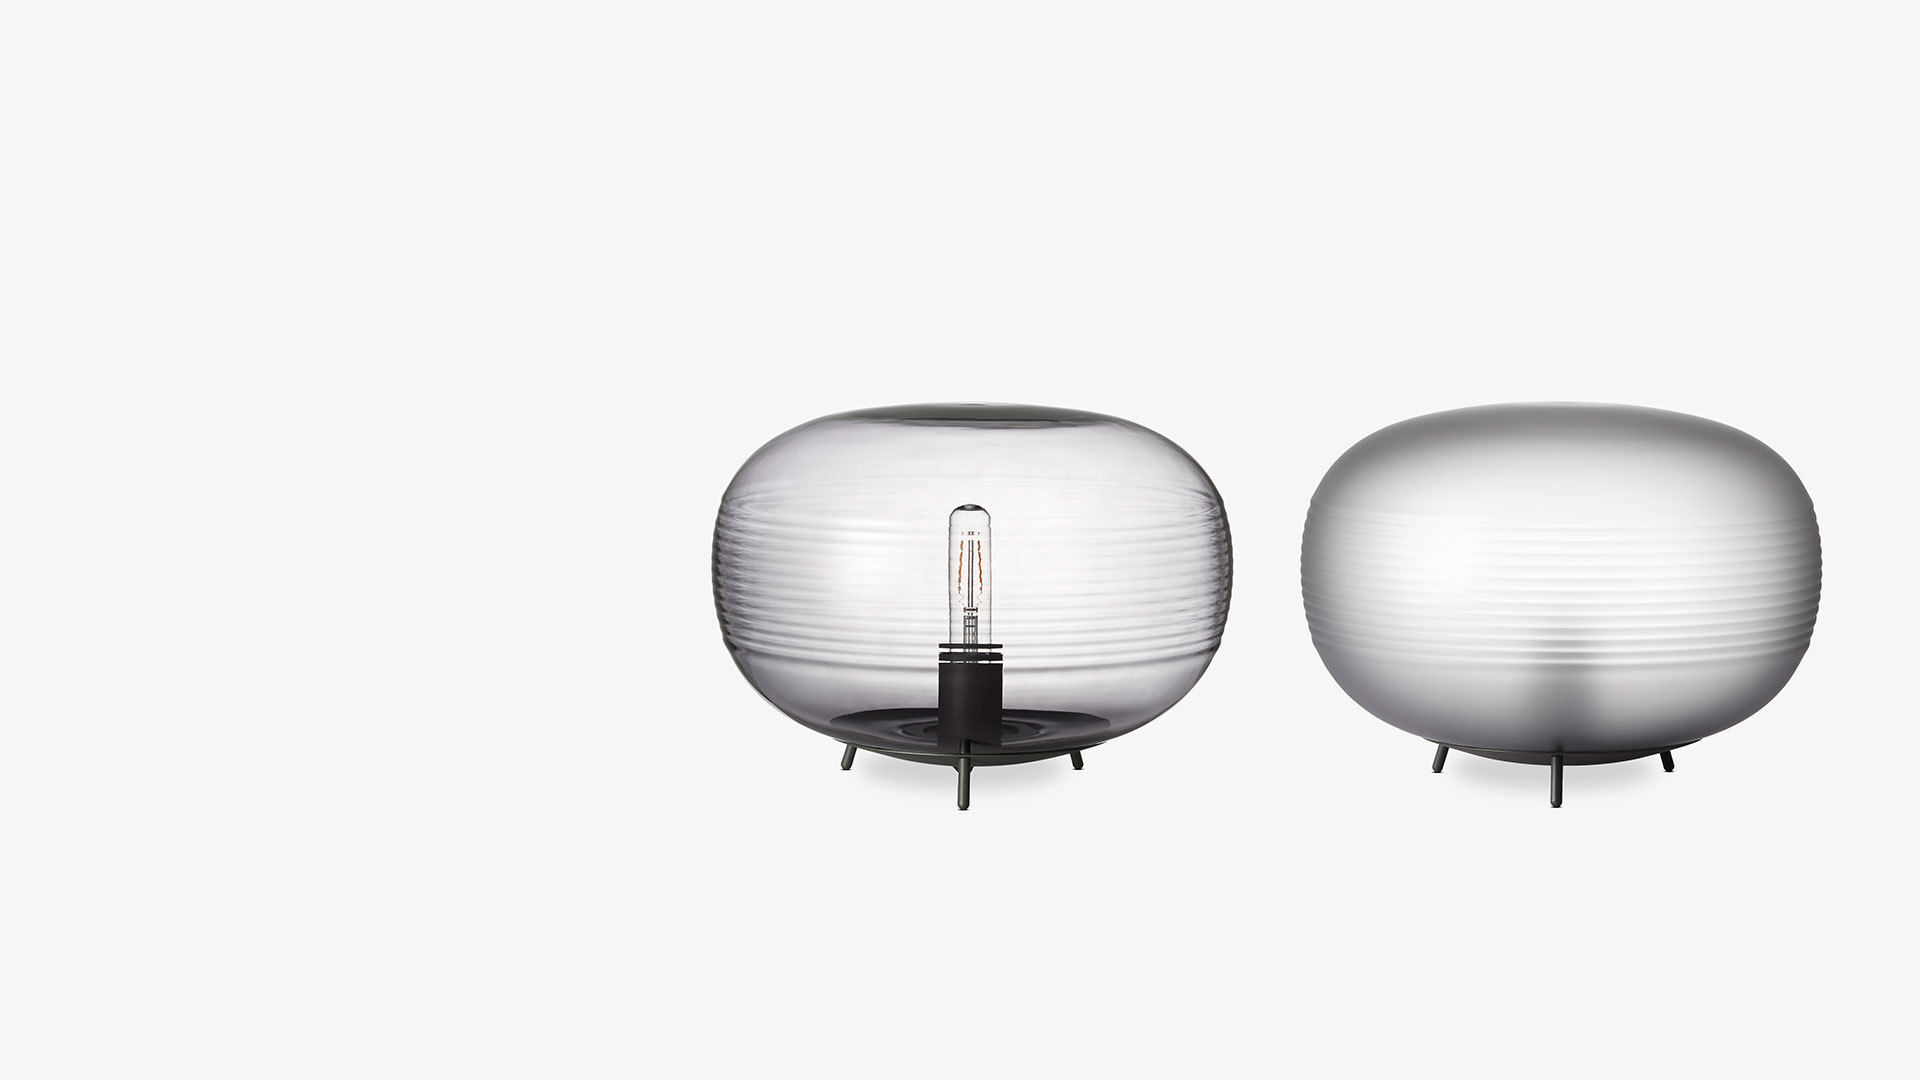 玻璃煙熏著色+波紋紋理<br/>濾出2種霧感光暈